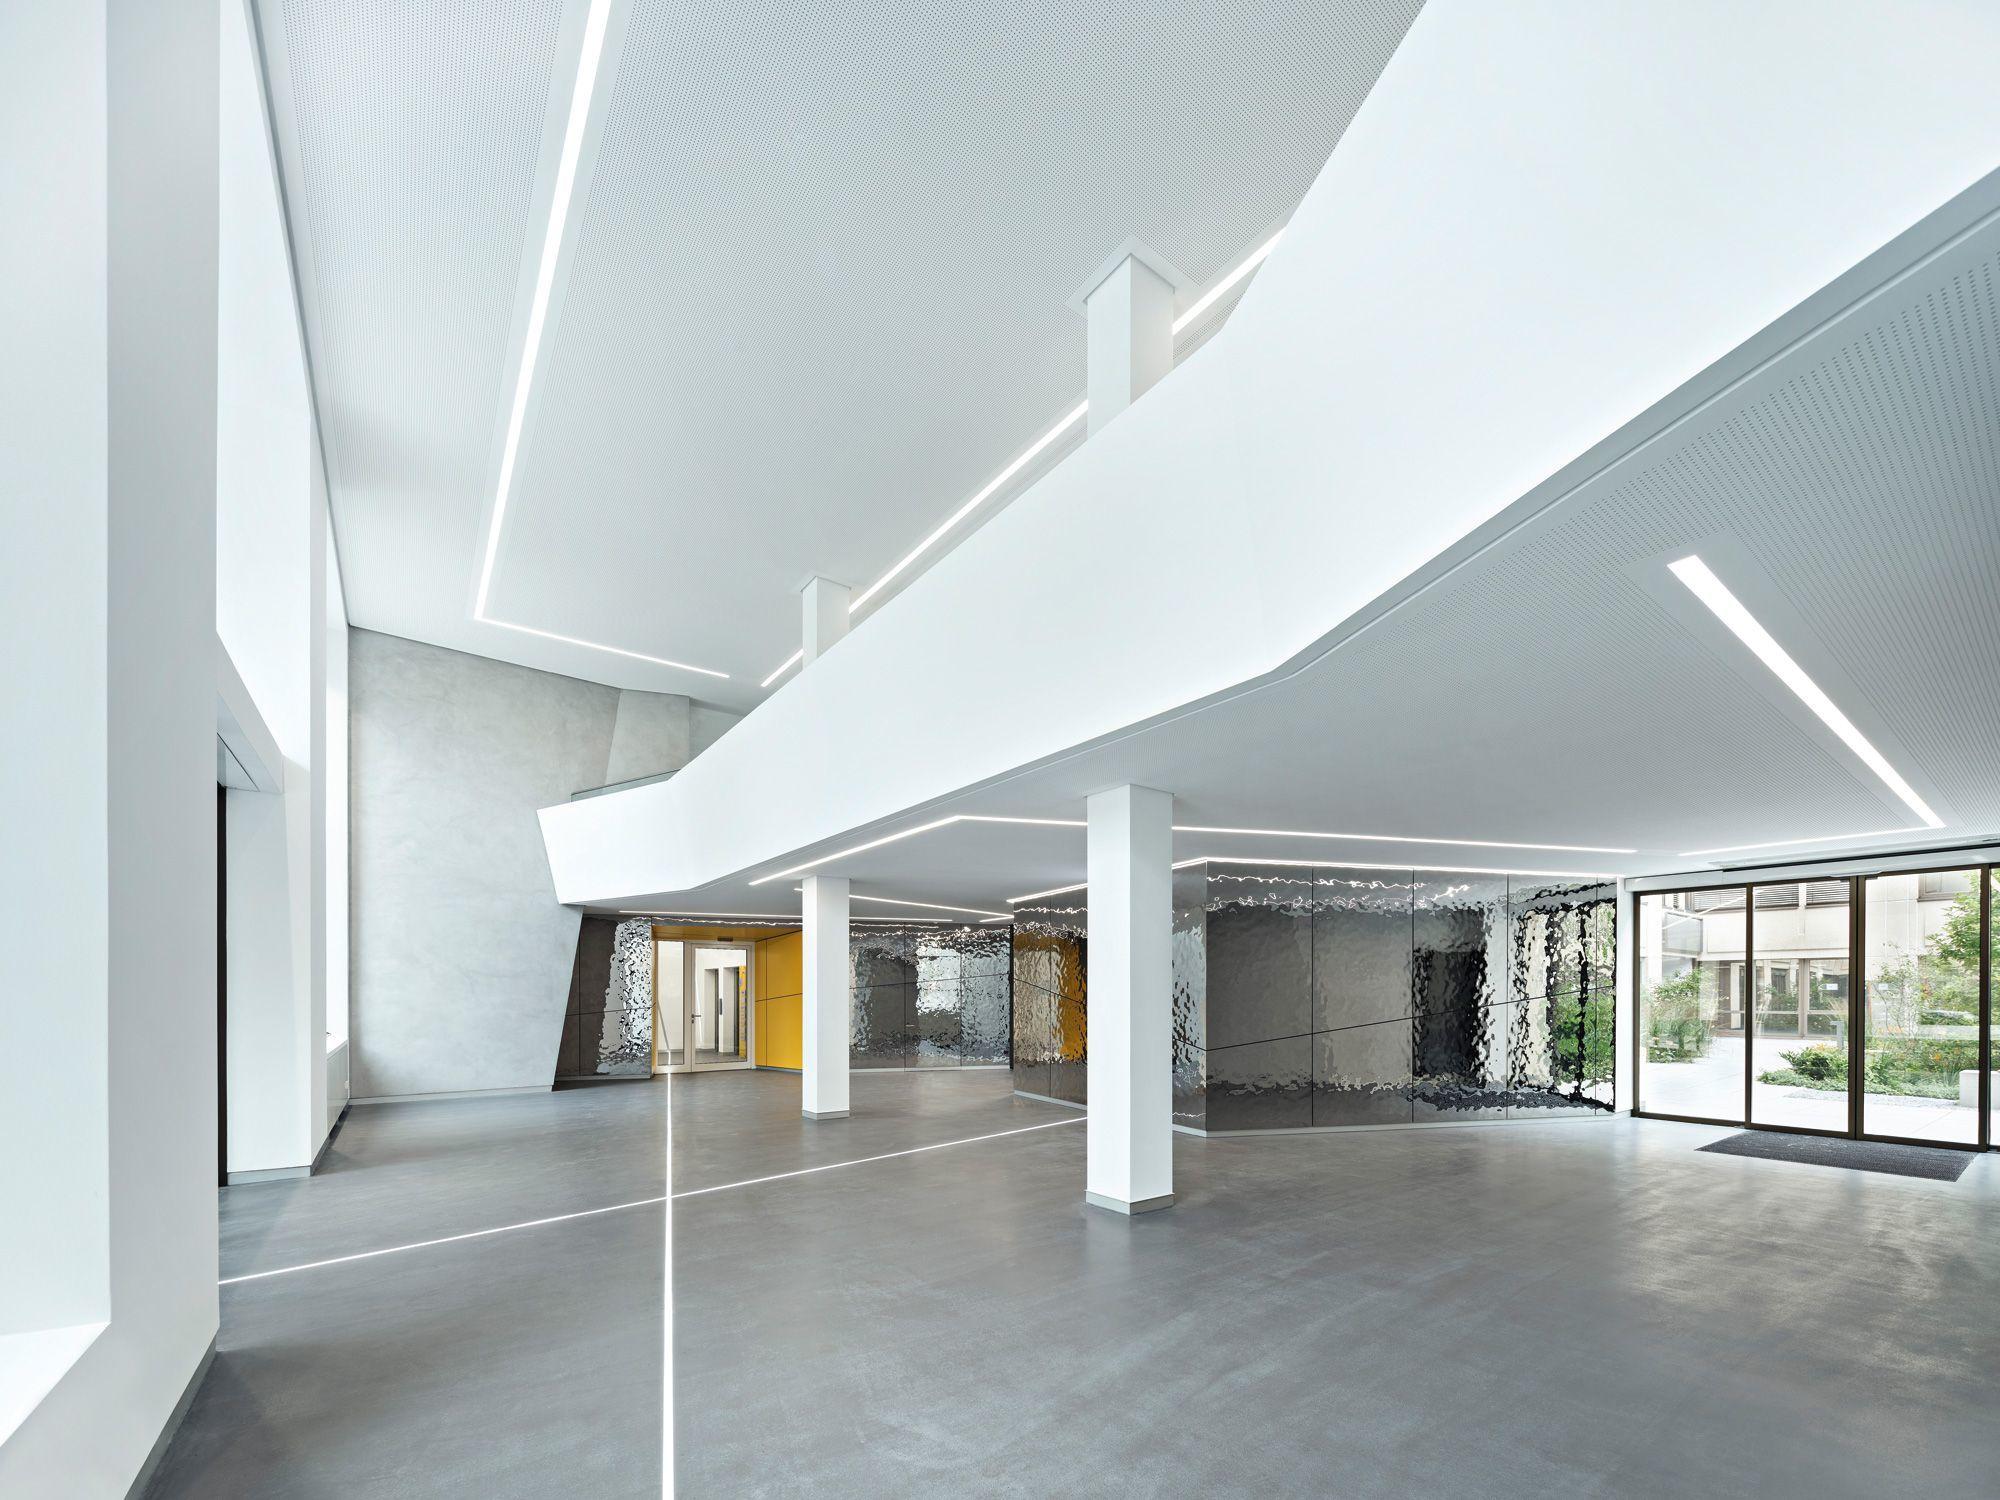 Fotograf: Edzard Probst für Oliv Architekten